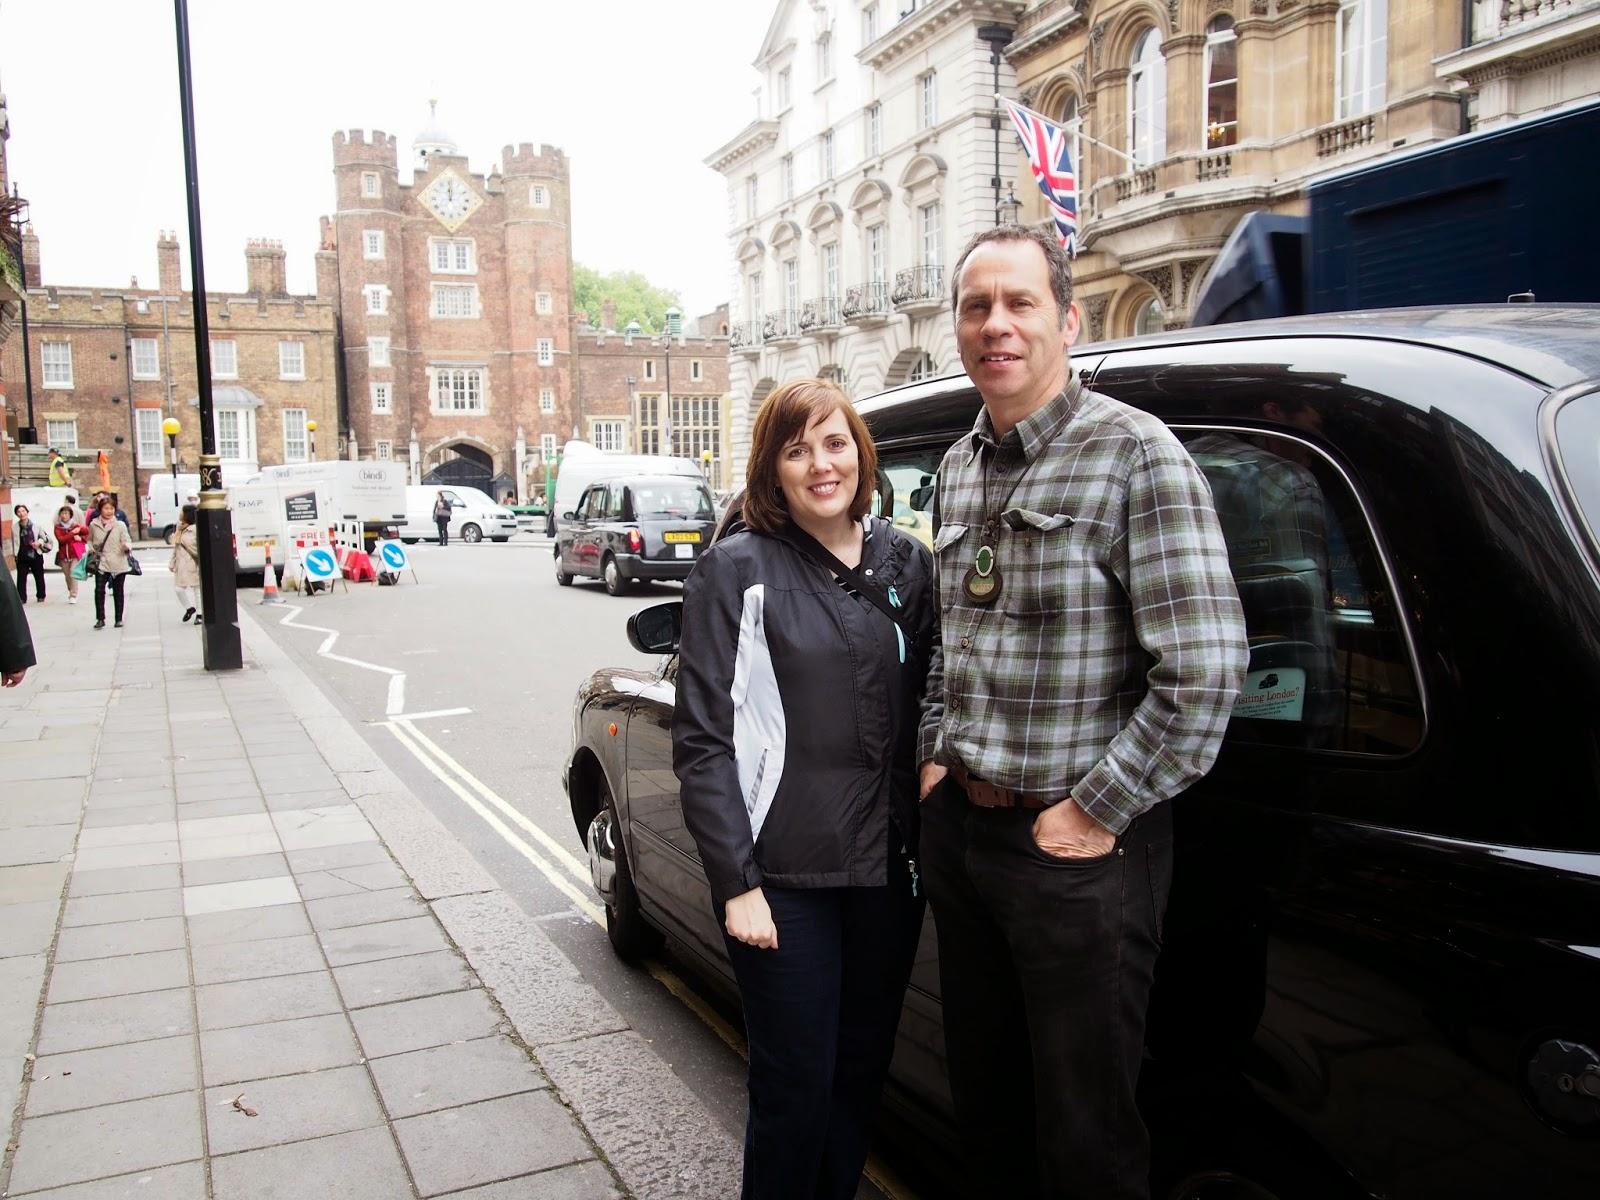 London, Taxi, Tour, travel, England, UK